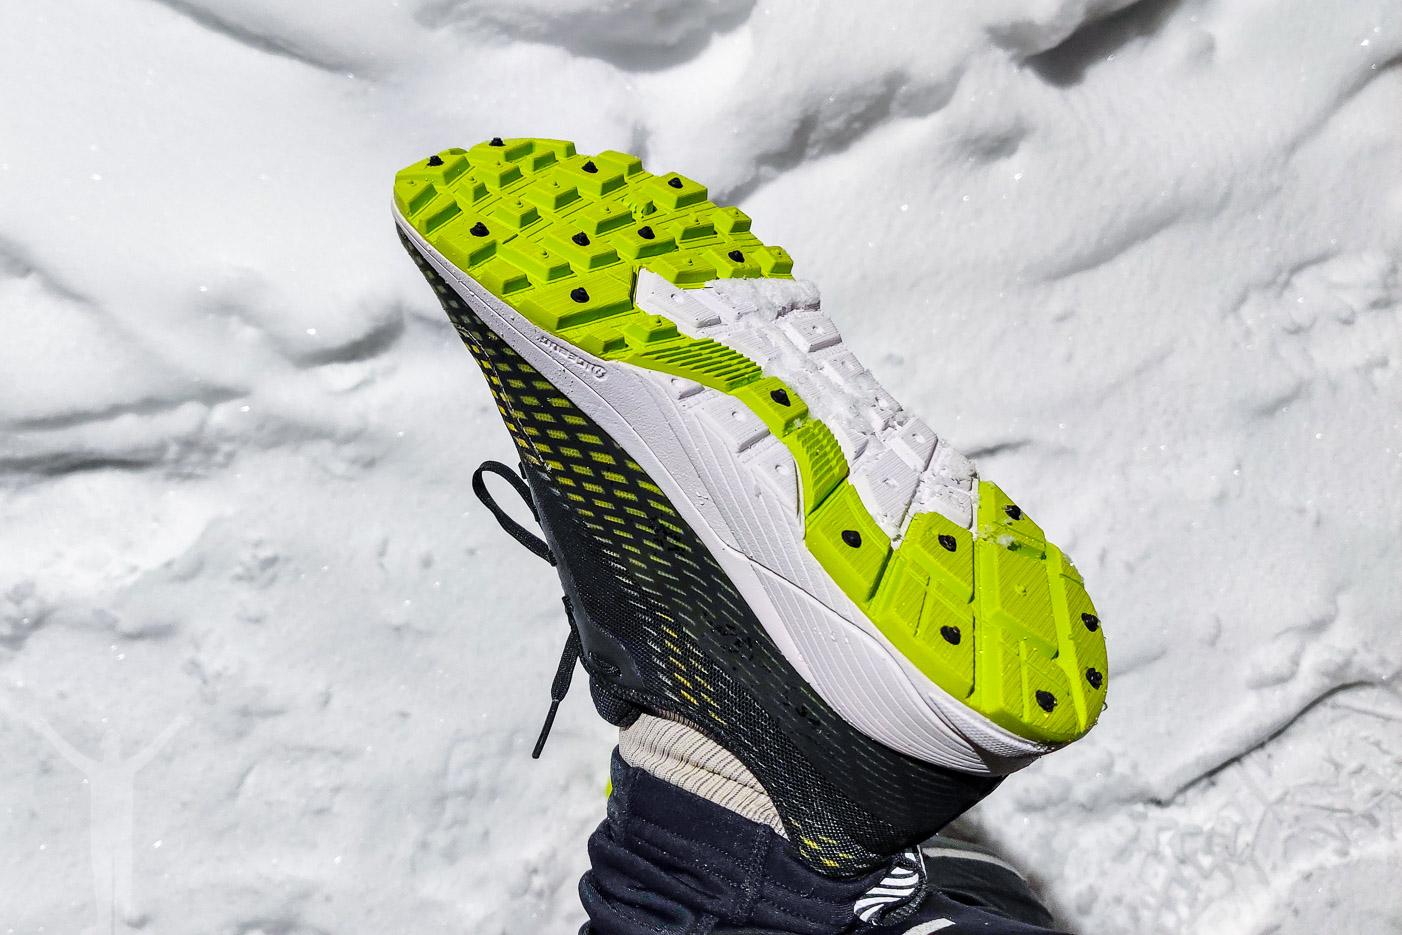 Icebug NewRun BUGrip - löparsko för vinterlöpning